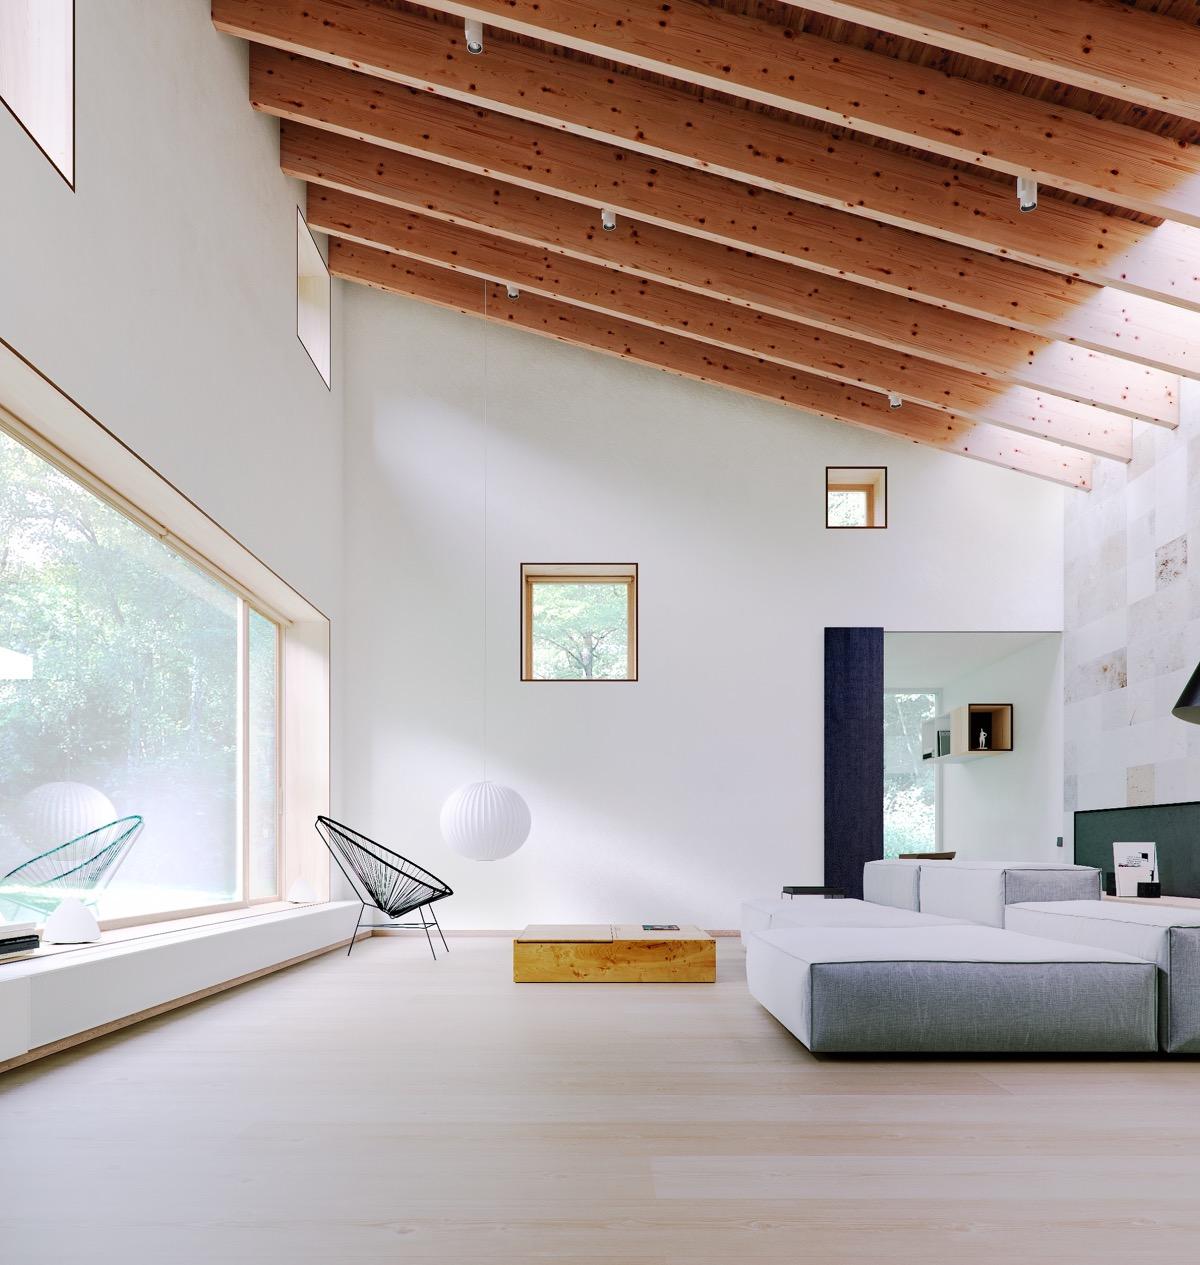 inspirasi ruang tamu minimalis dengan langit-langit ruang tinggi